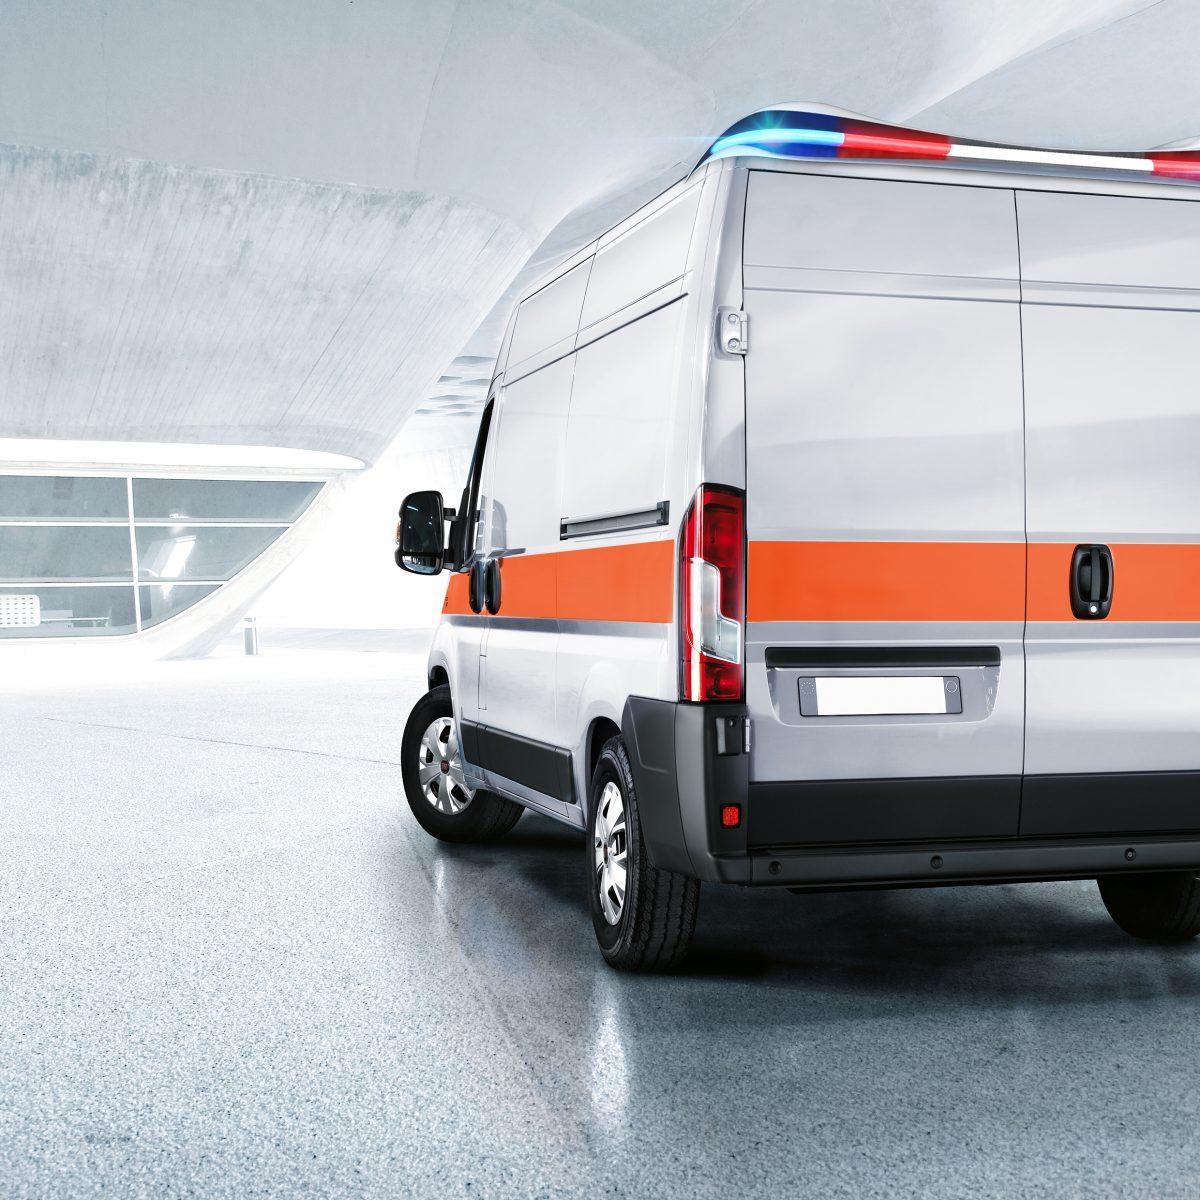 Fiat-Professional_Ducato_01